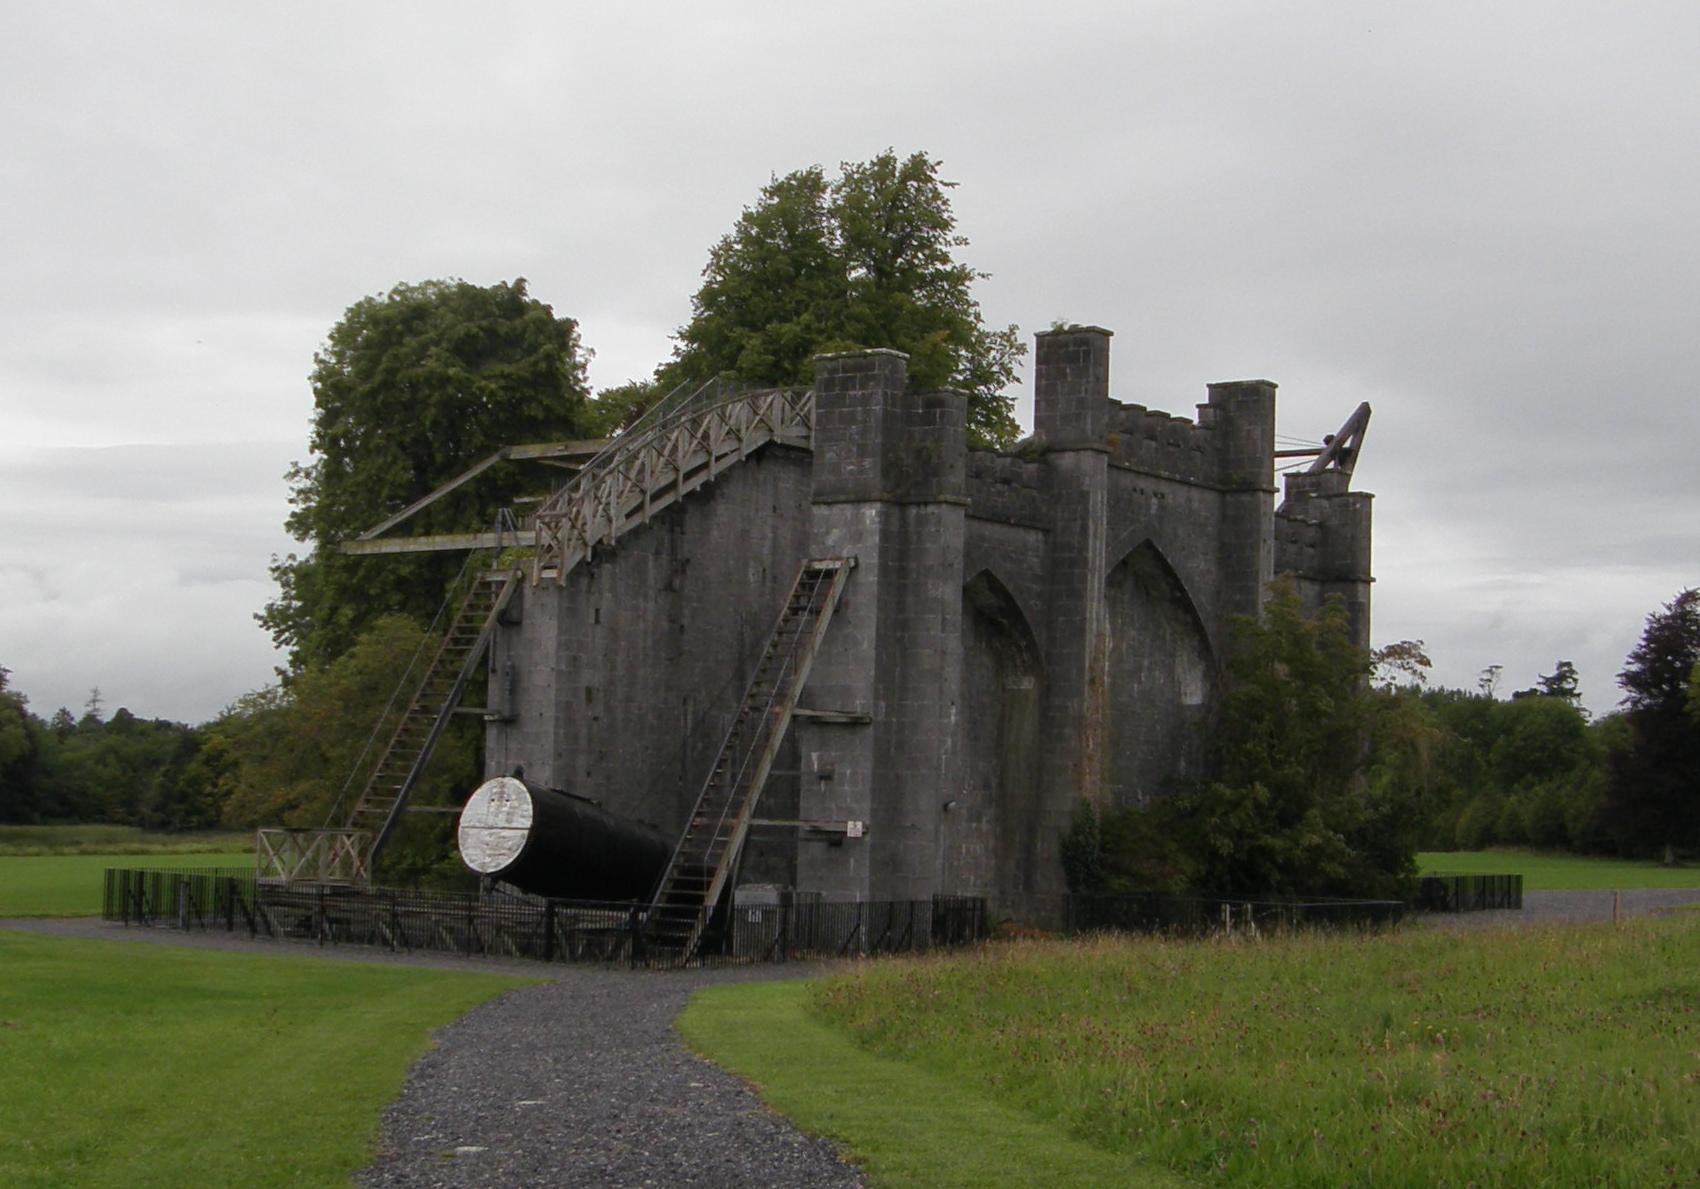 The Great Telescope, Birr Castle Demesne, Biir, Co. Uibh Fhaili, Éire